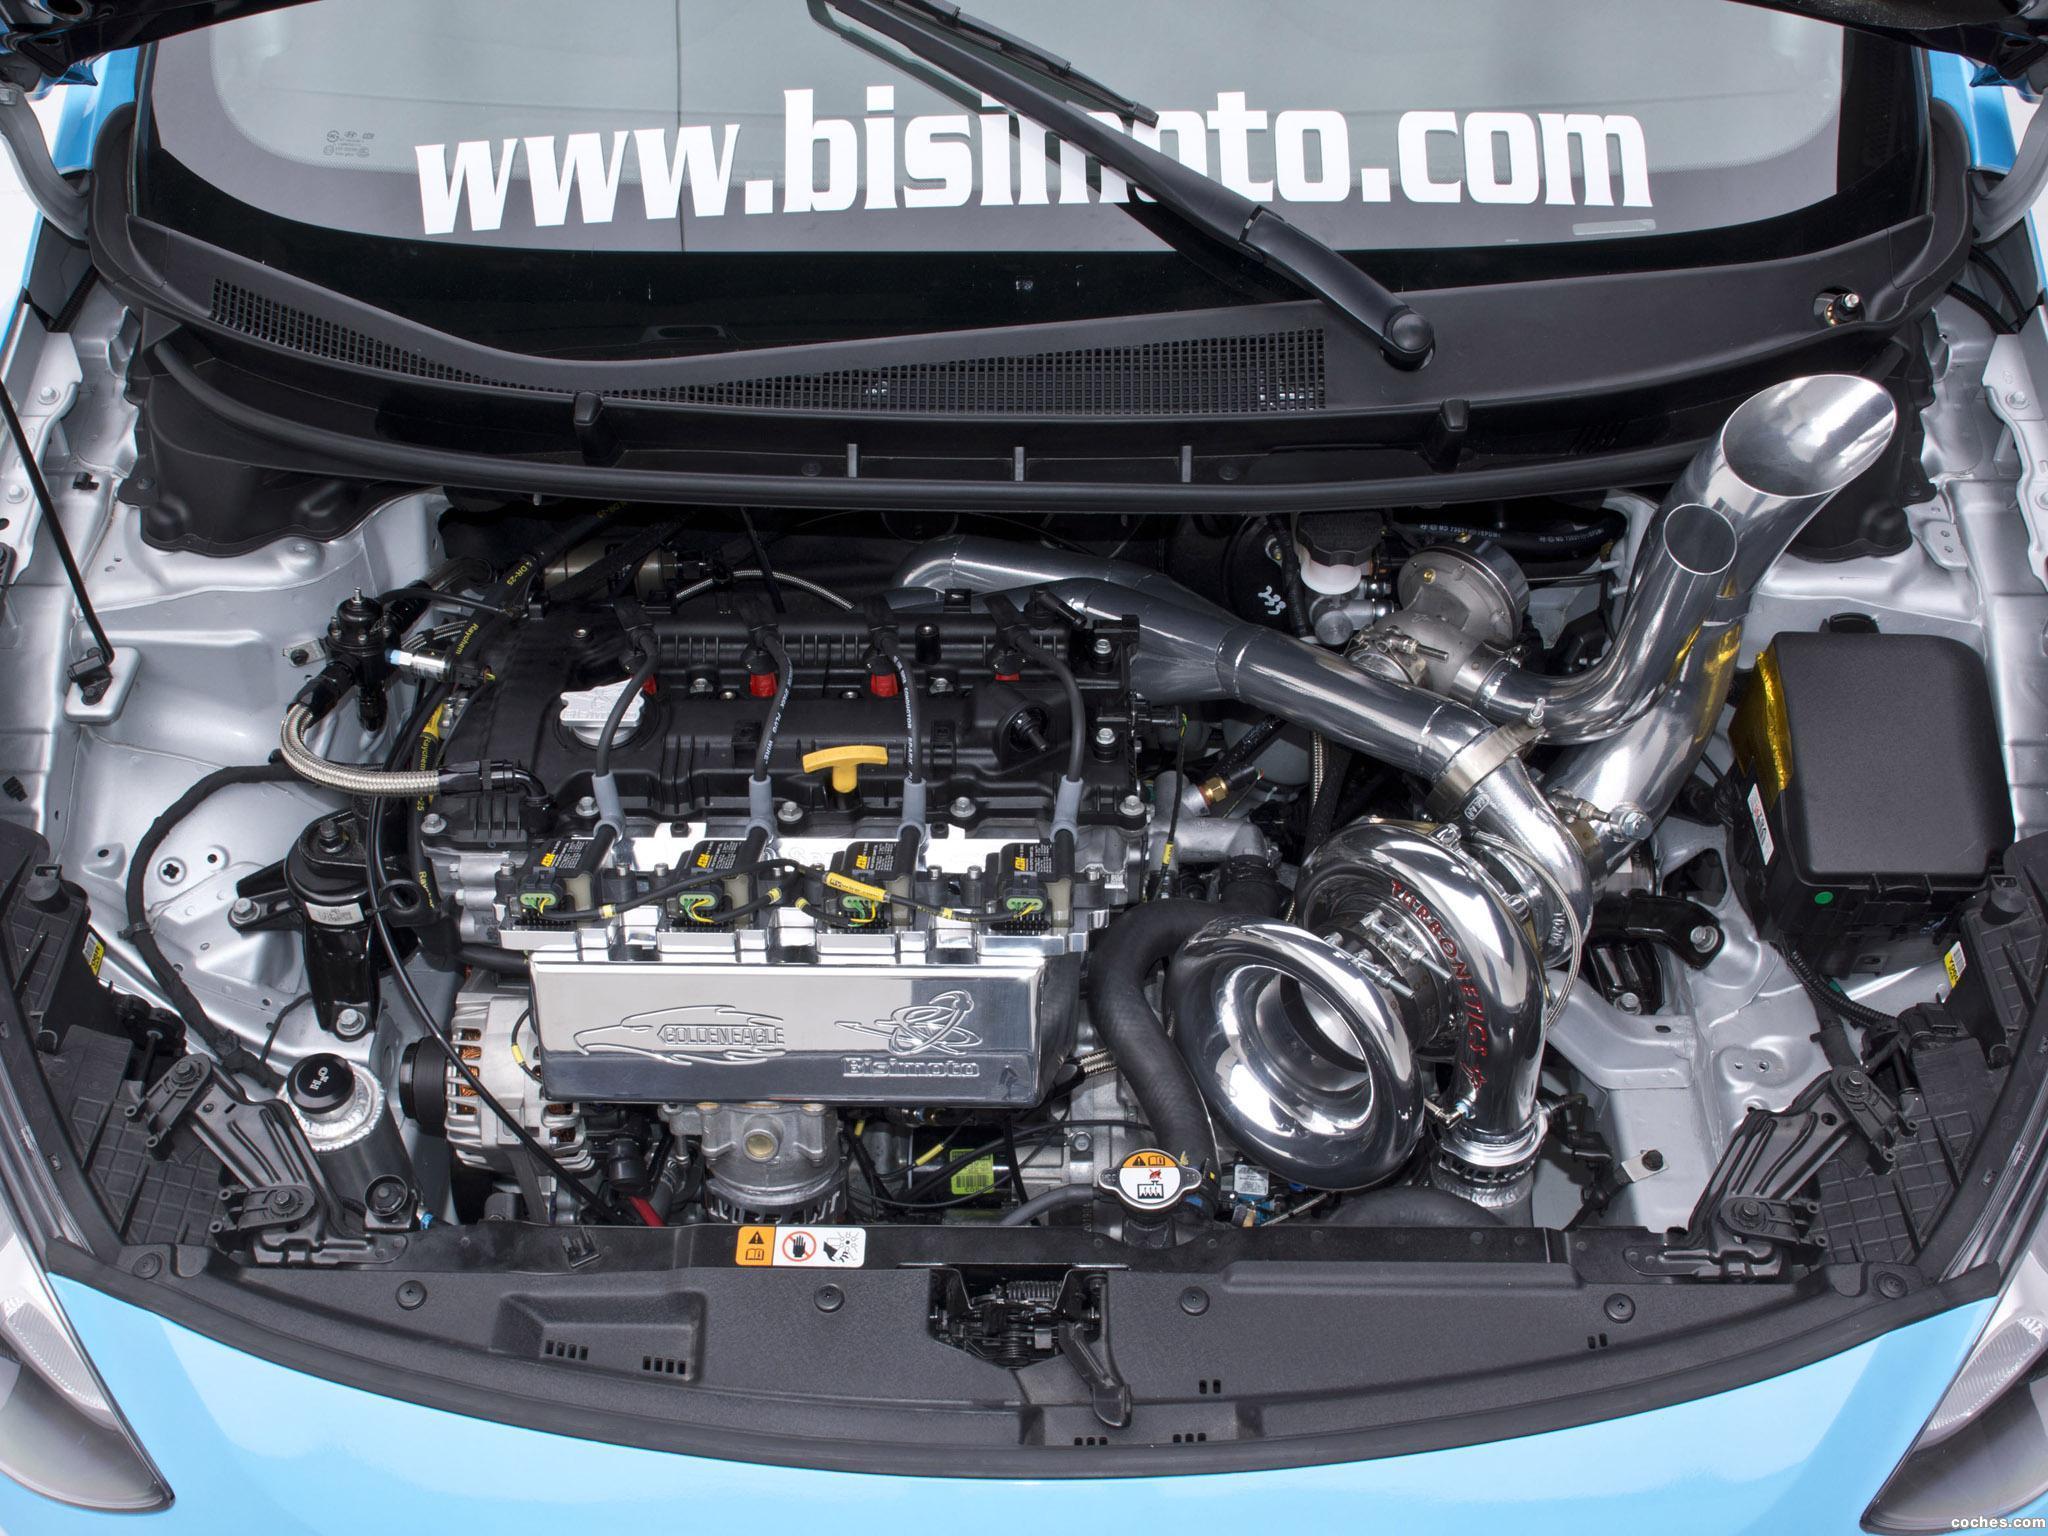 Foto 11 de Hyundai Elantra GT Concept by Bisimoto Engineering 2012